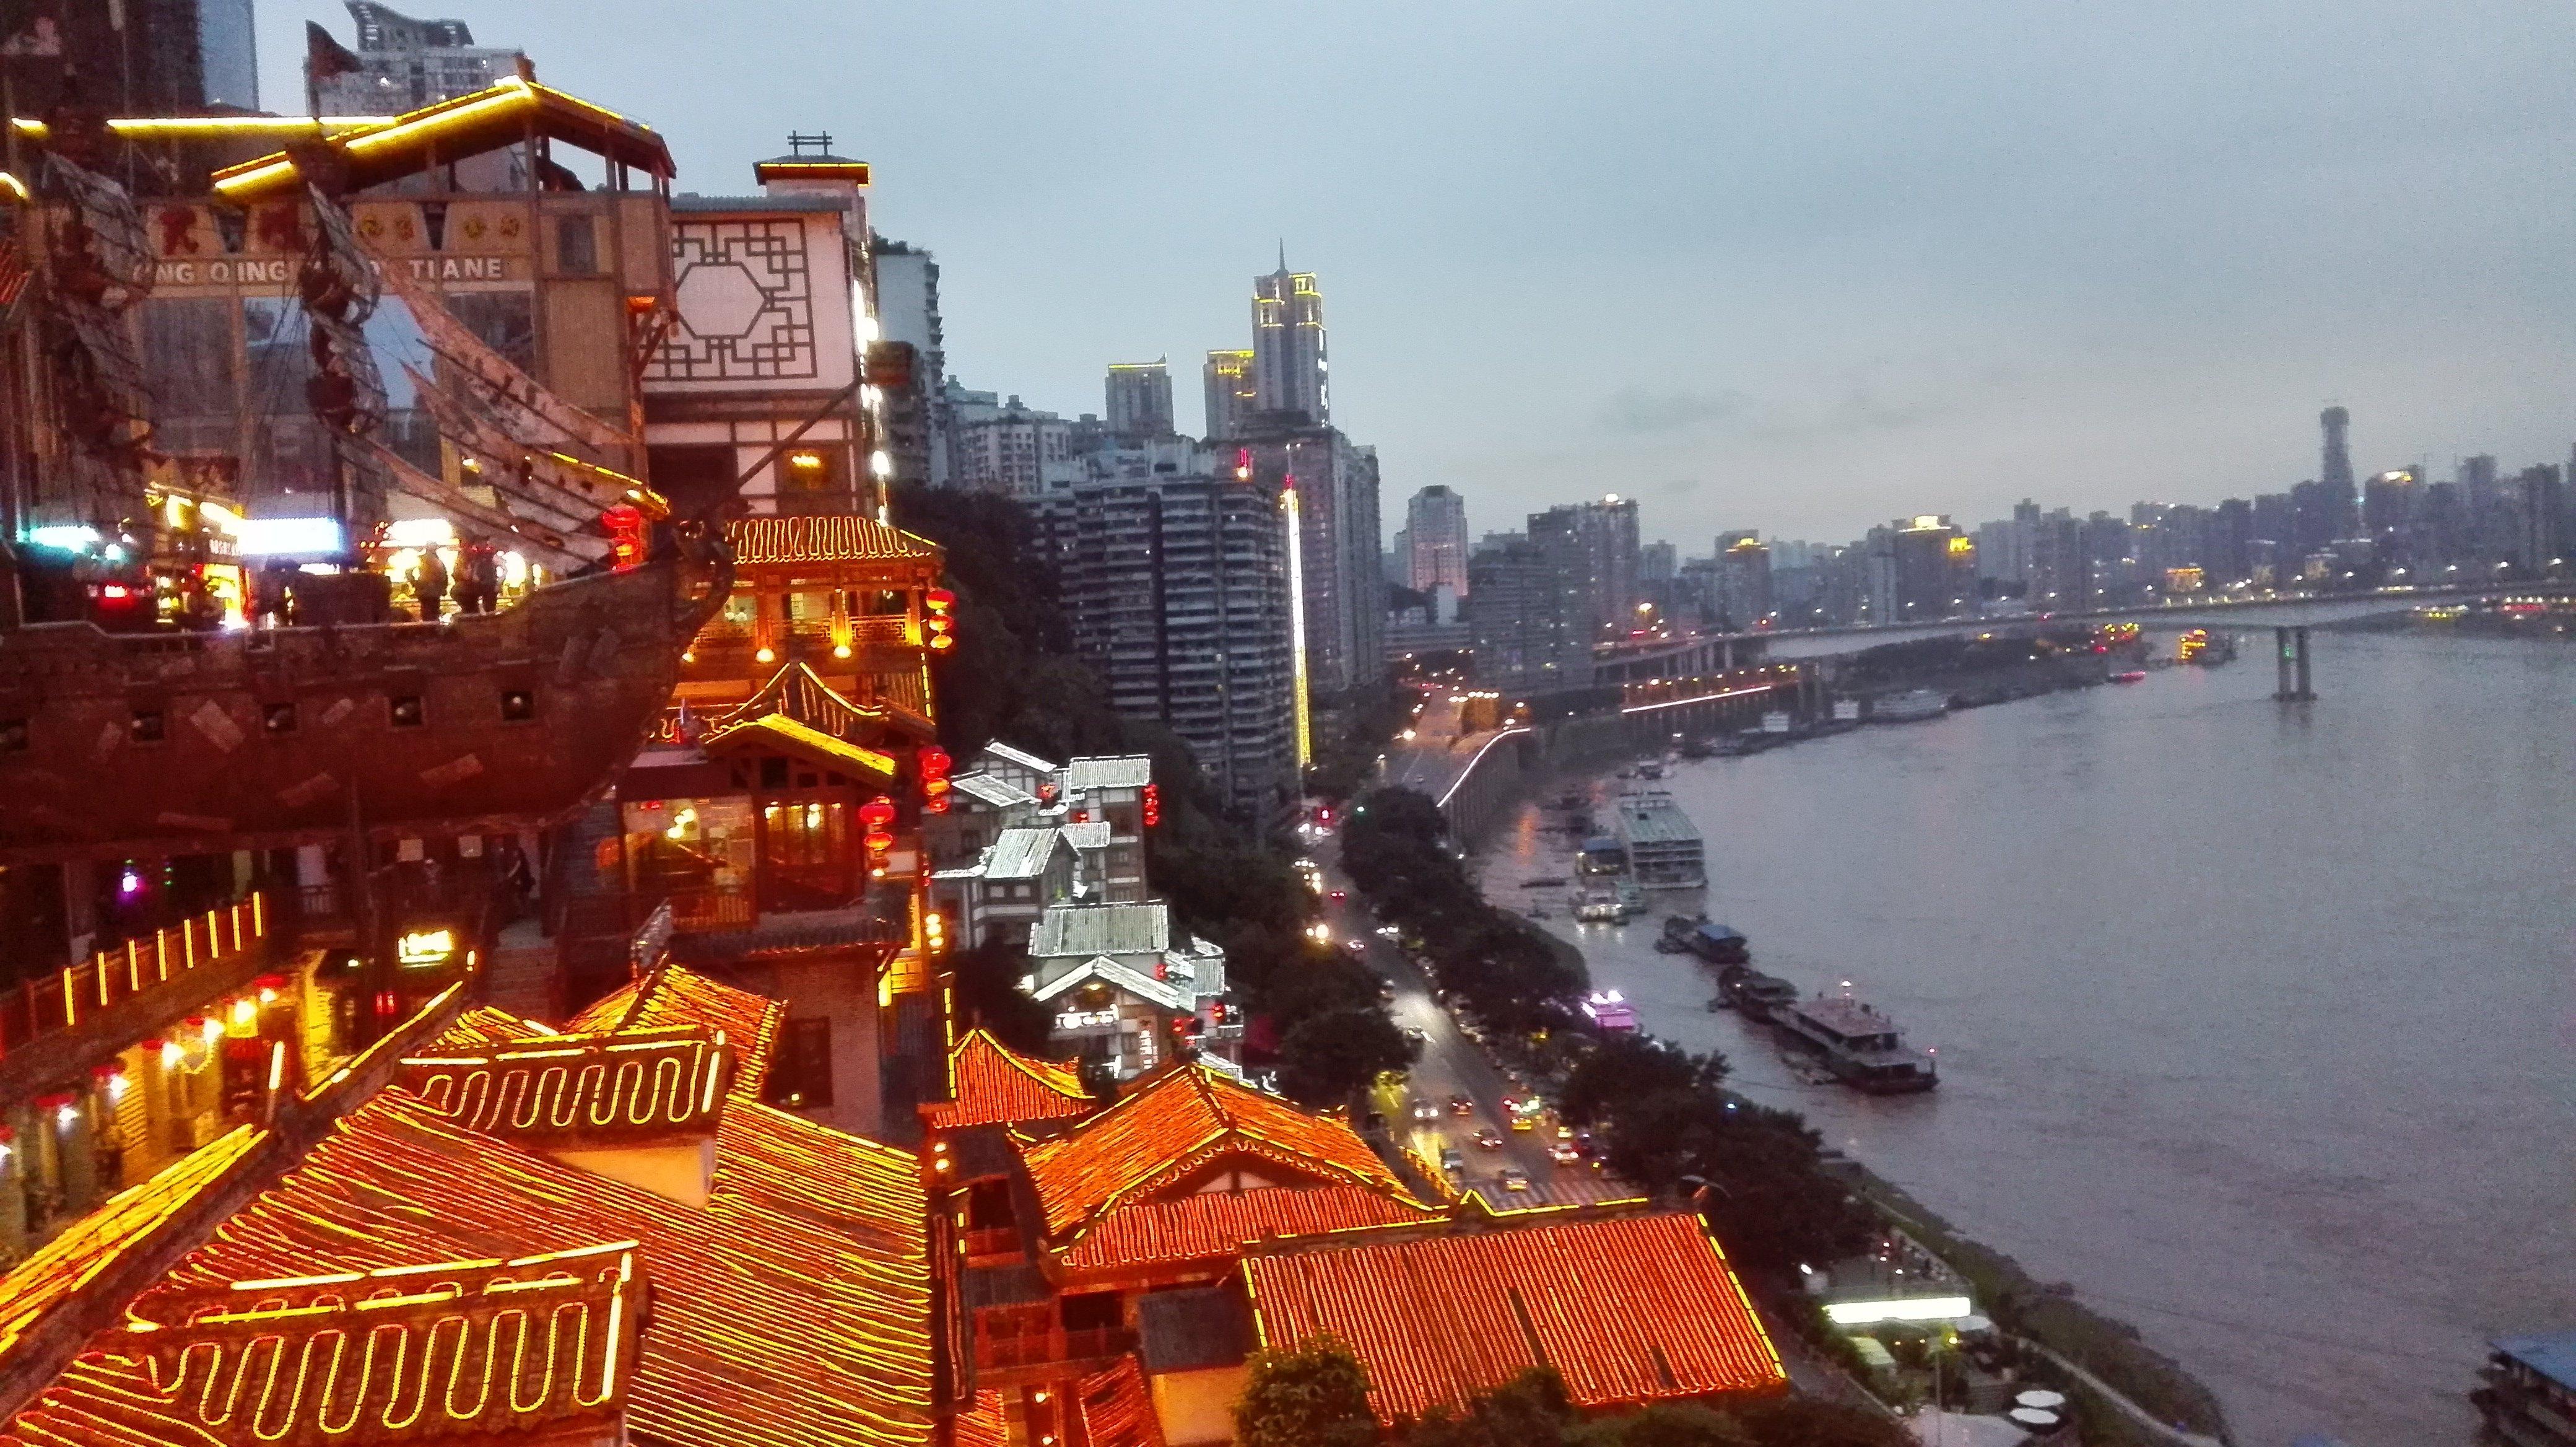 【携程文章】重庆洪崖洞商业街适合家庭攻略v文章,街对感悟美食亲子的图片